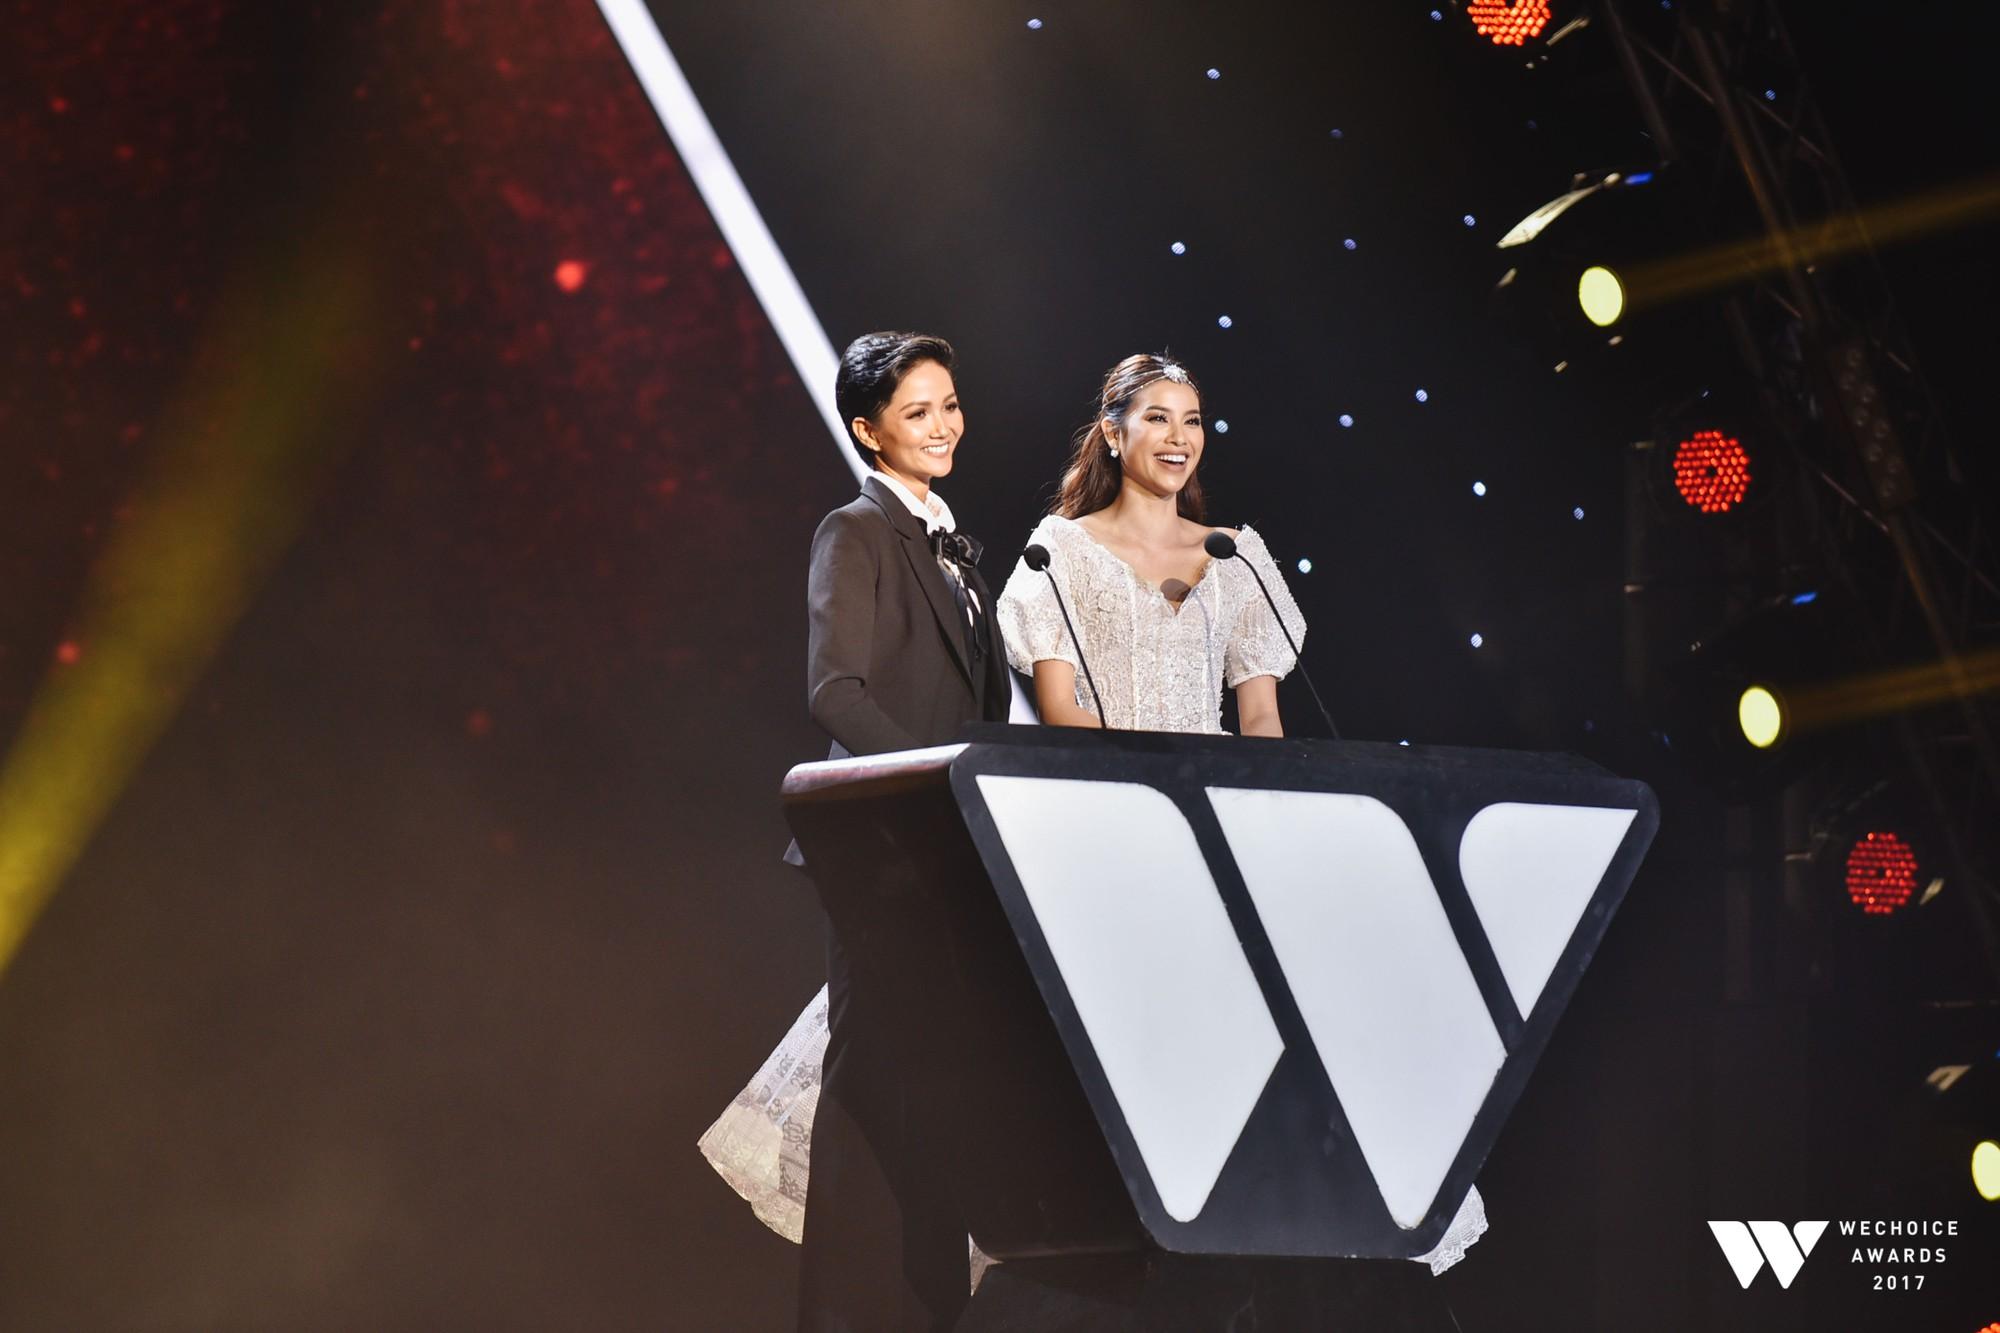 Khoảnh khắc WeChoice Awards: Đẹp nhất là khi Sơn Tùng, bé Bôm và các nghệ sĩ Việt cùng chậm lại trong dòng cảm xúc vỡ òa - Ảnh 18.